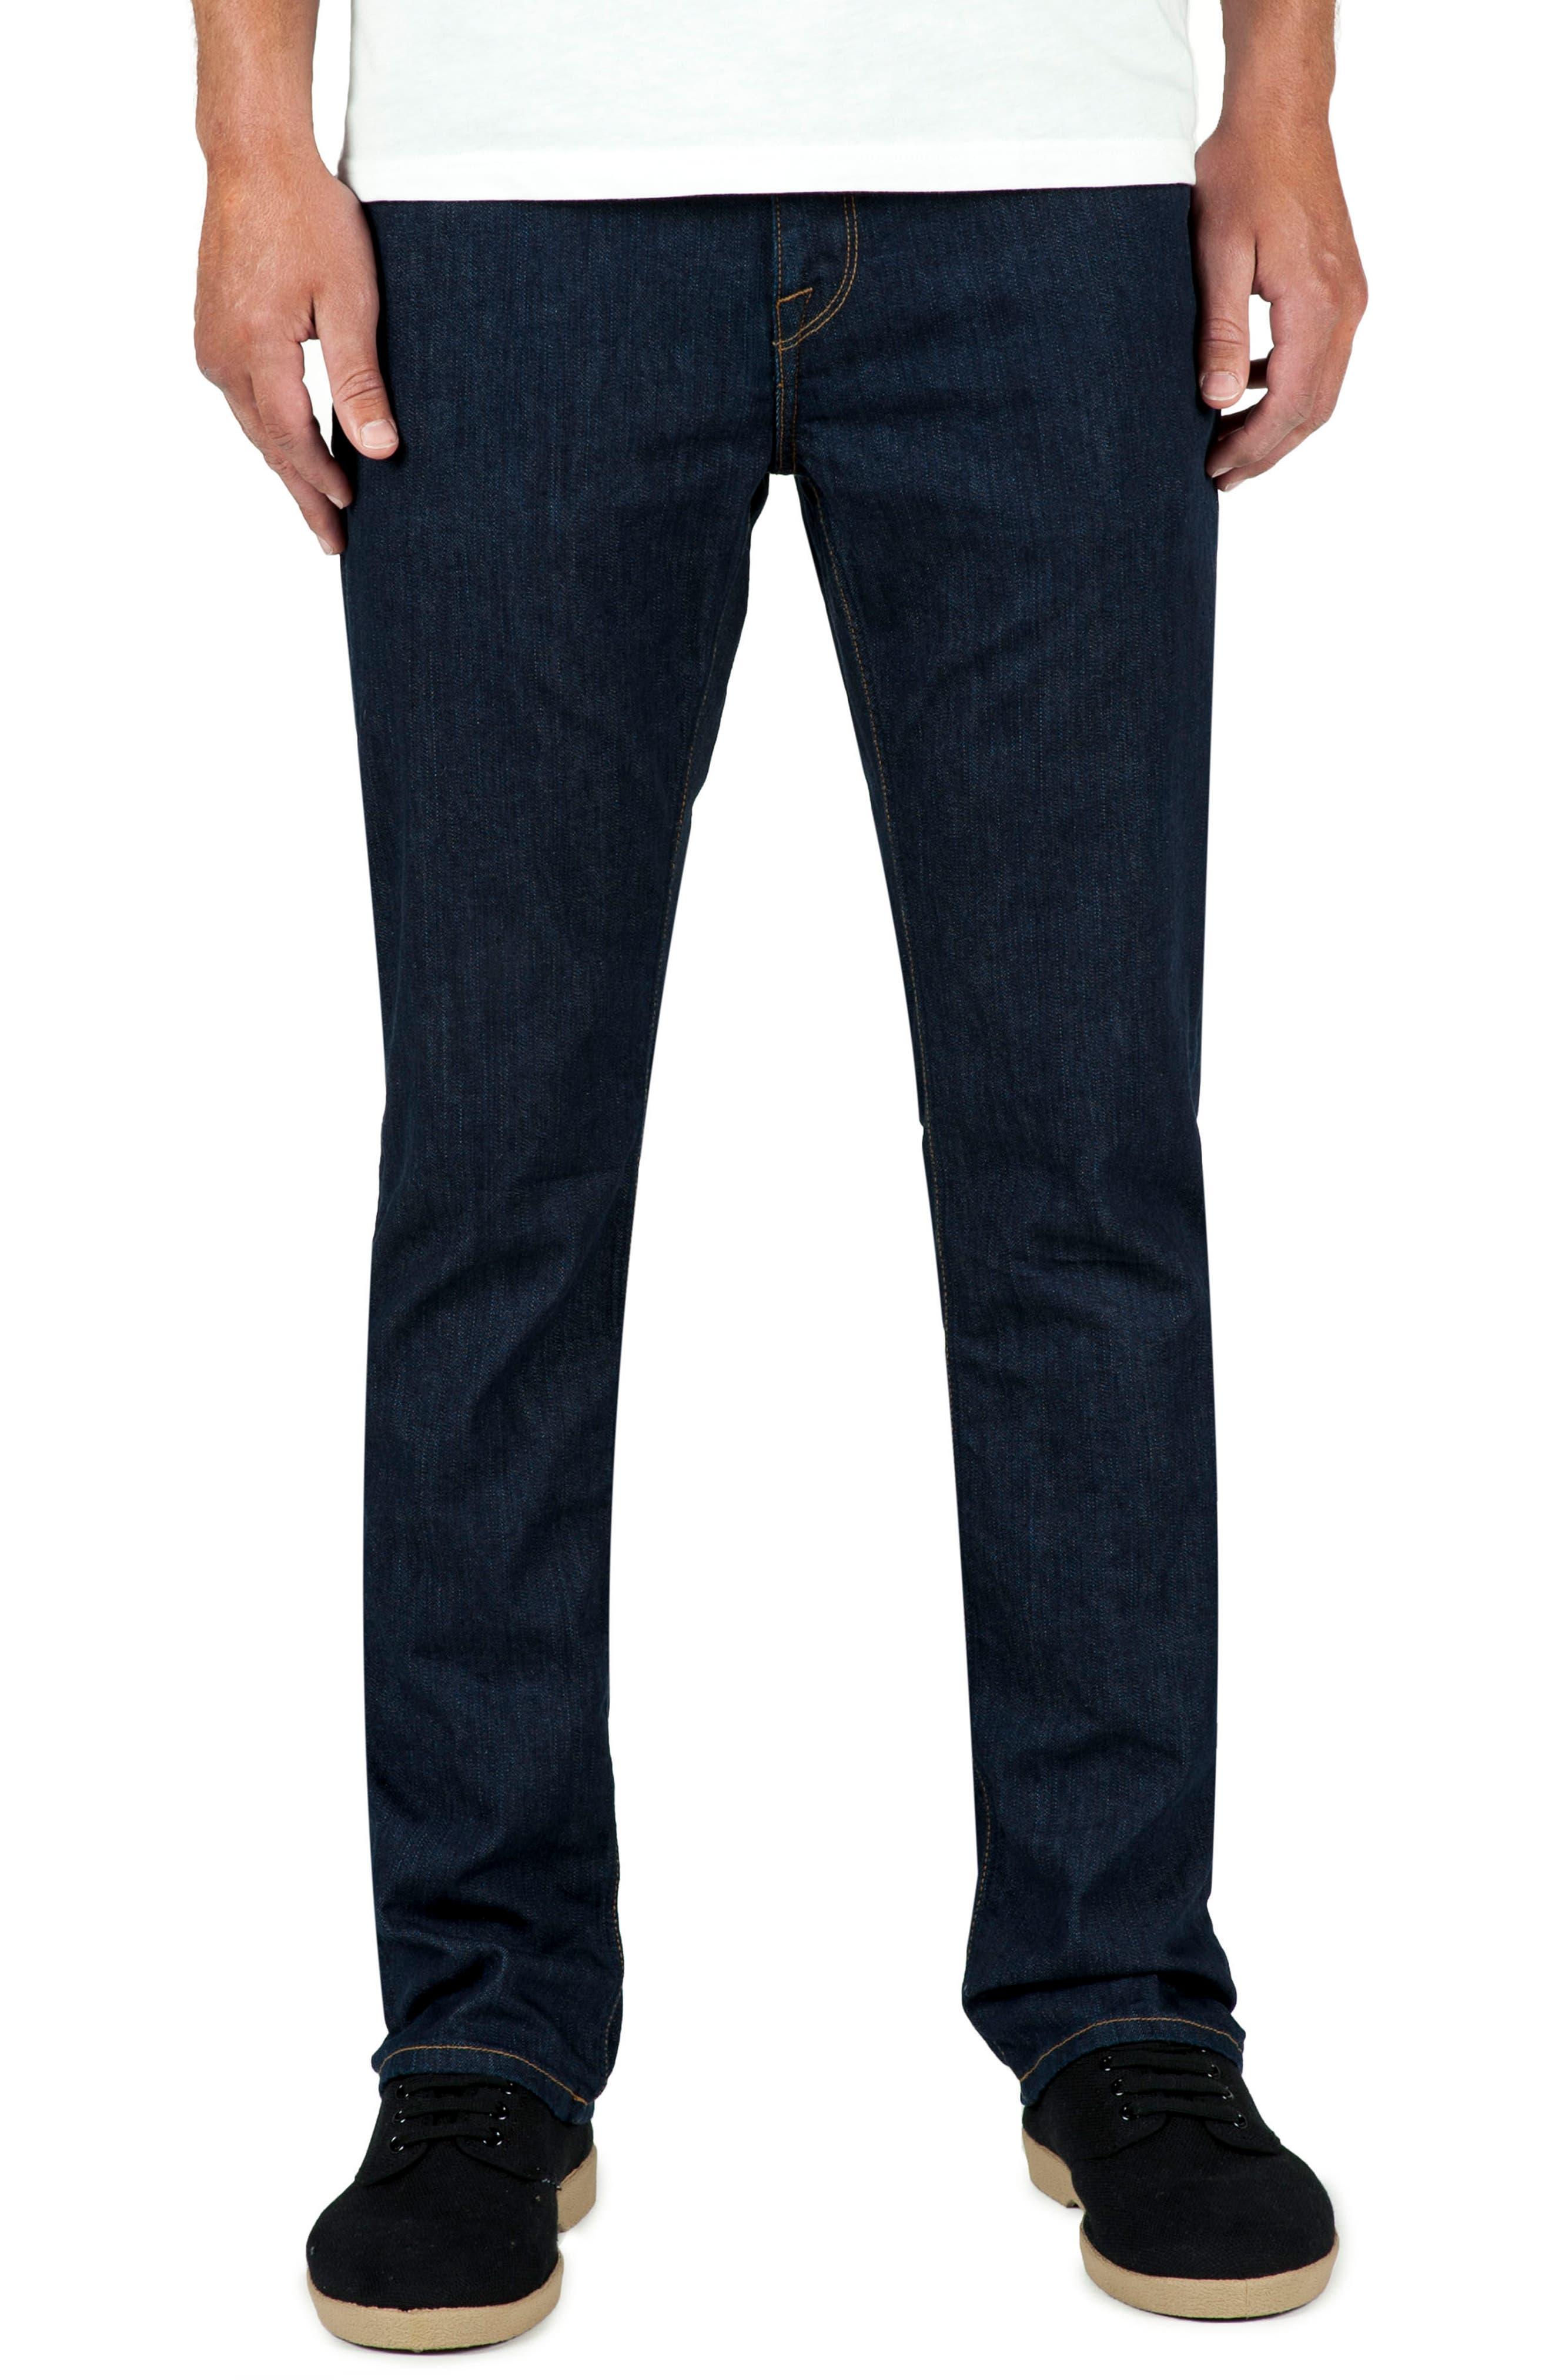 Solver Denim Pants,                         Main,                         color, Ocean